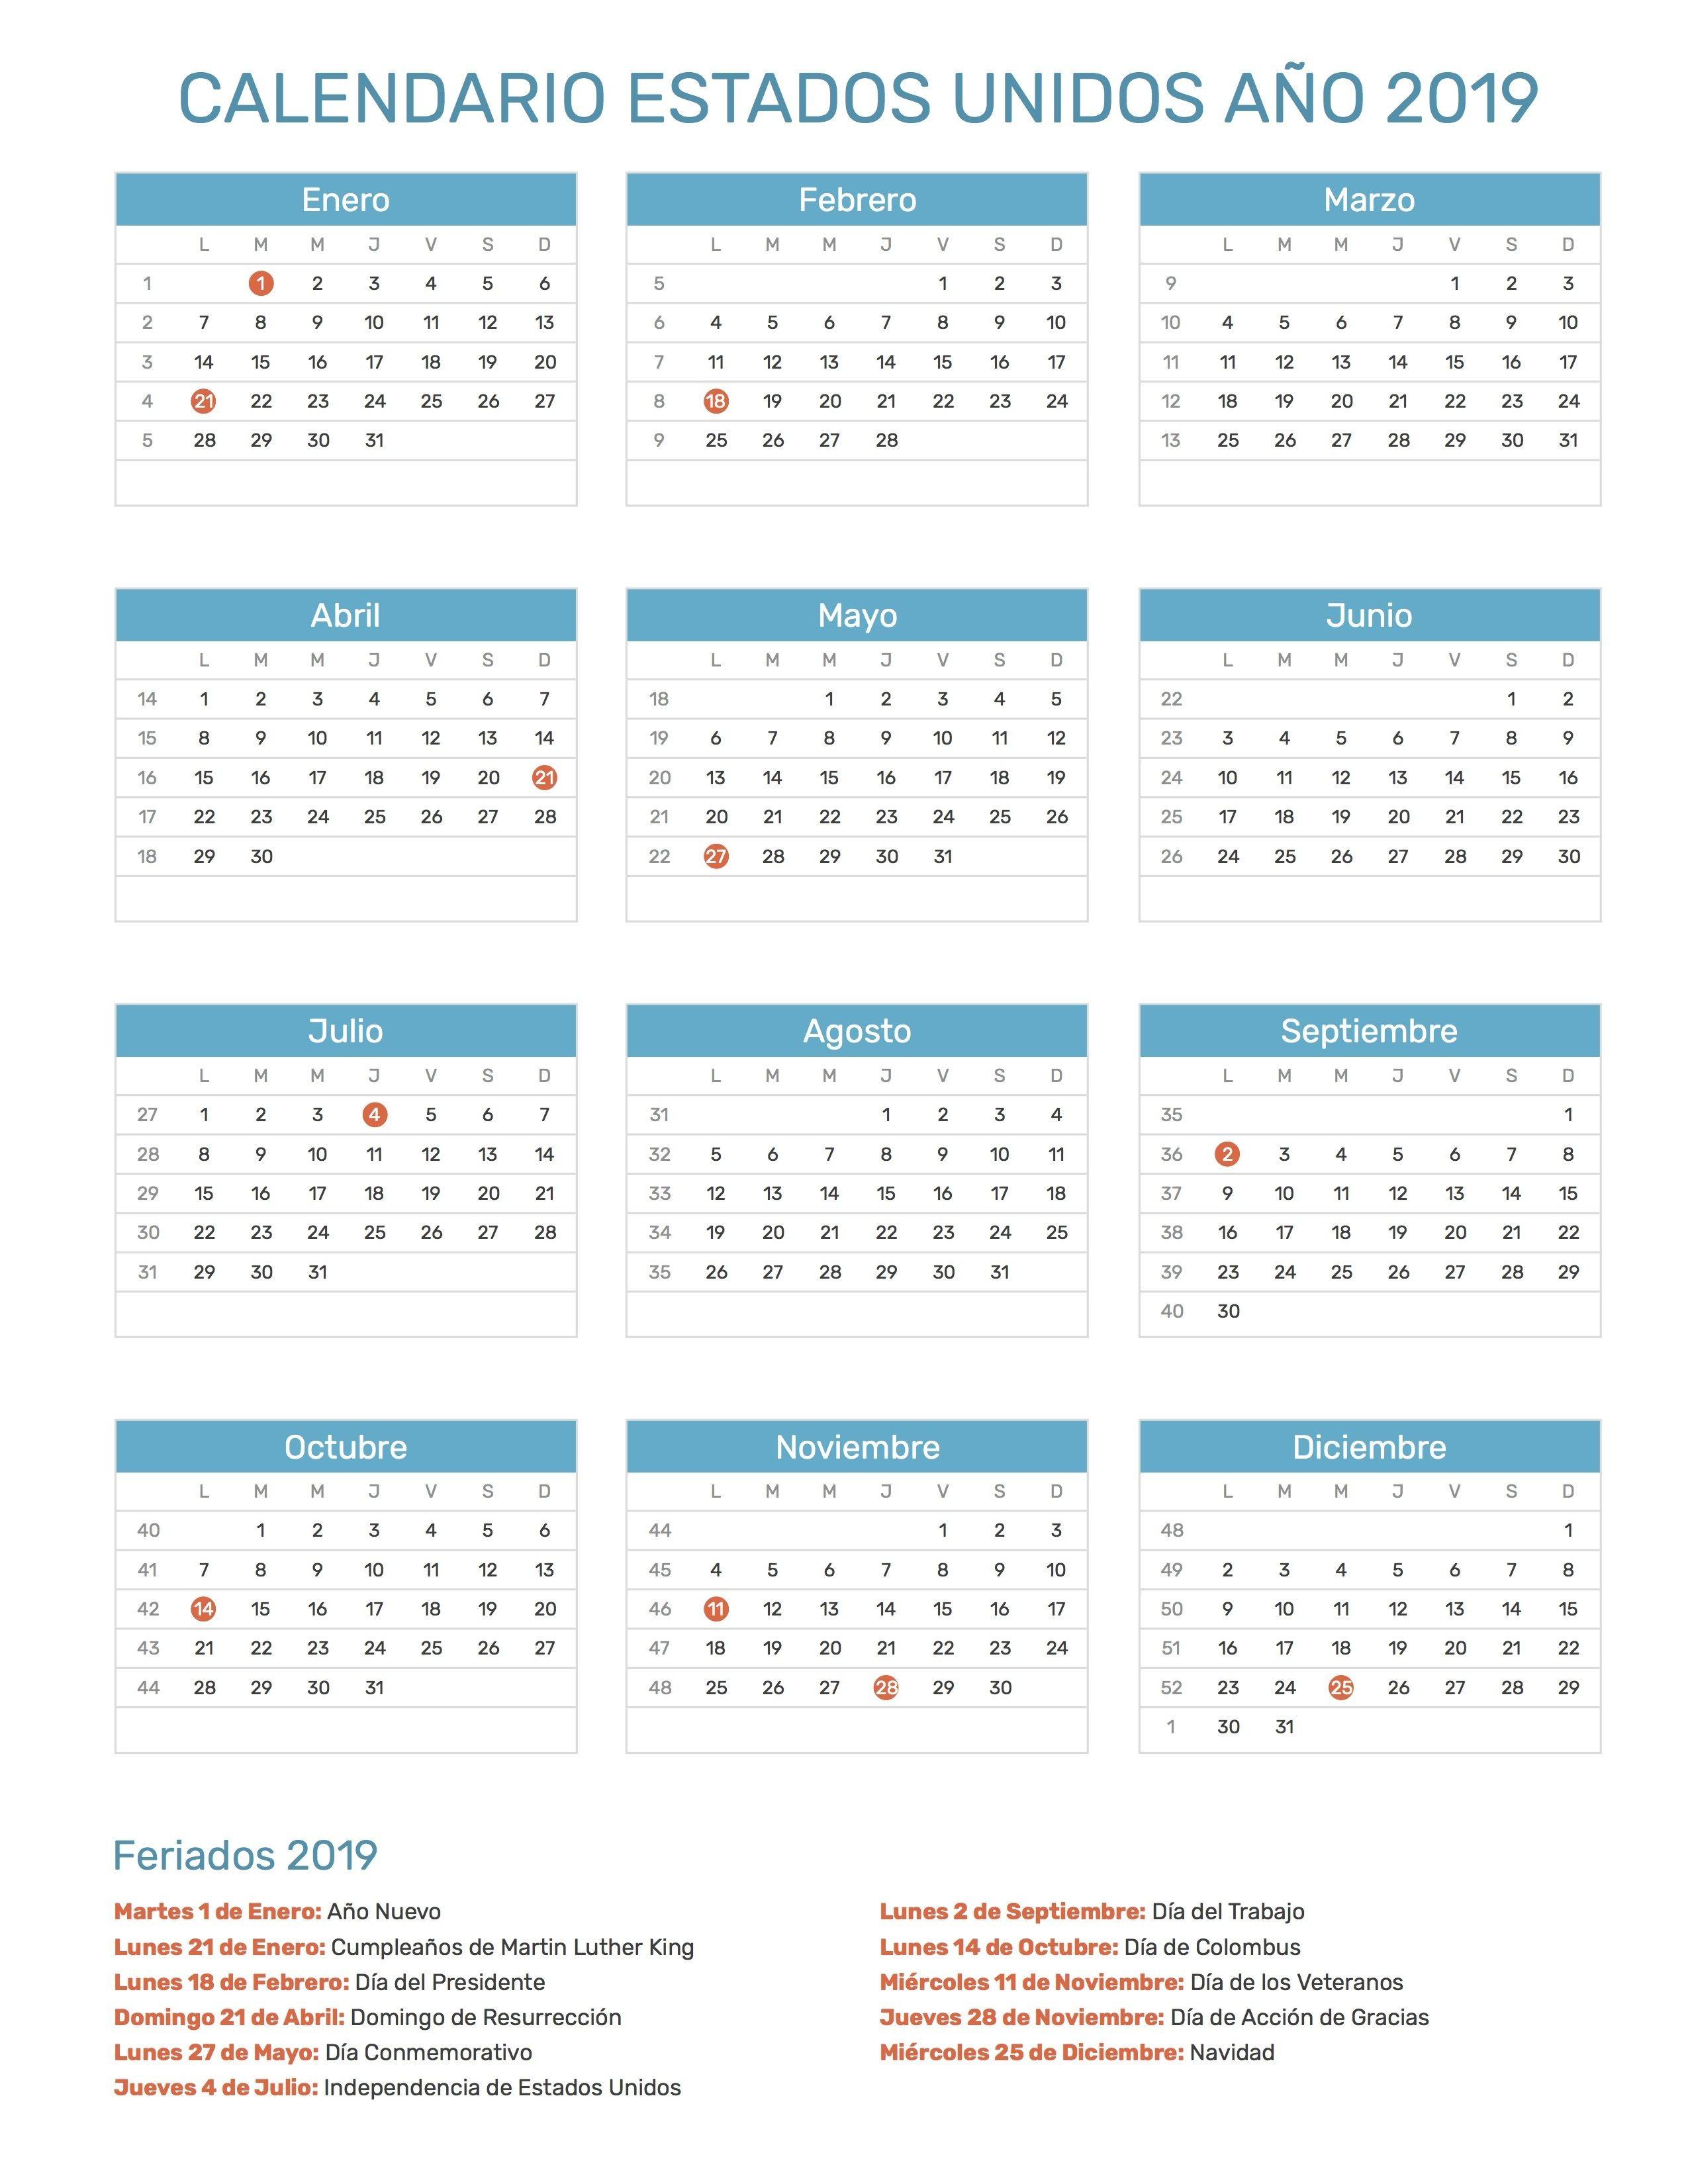 Calendario Agosto 2019 Colombia Para Imprimir Más Caliente Pin De Calendario Hispano En Calendario Con Feriados A±o 2019 Of Calendario Agosto 2019 Colombia Para Imprimir Más Recientes Noticias Calendario Imprimir Agosto Y Septiembre 2019